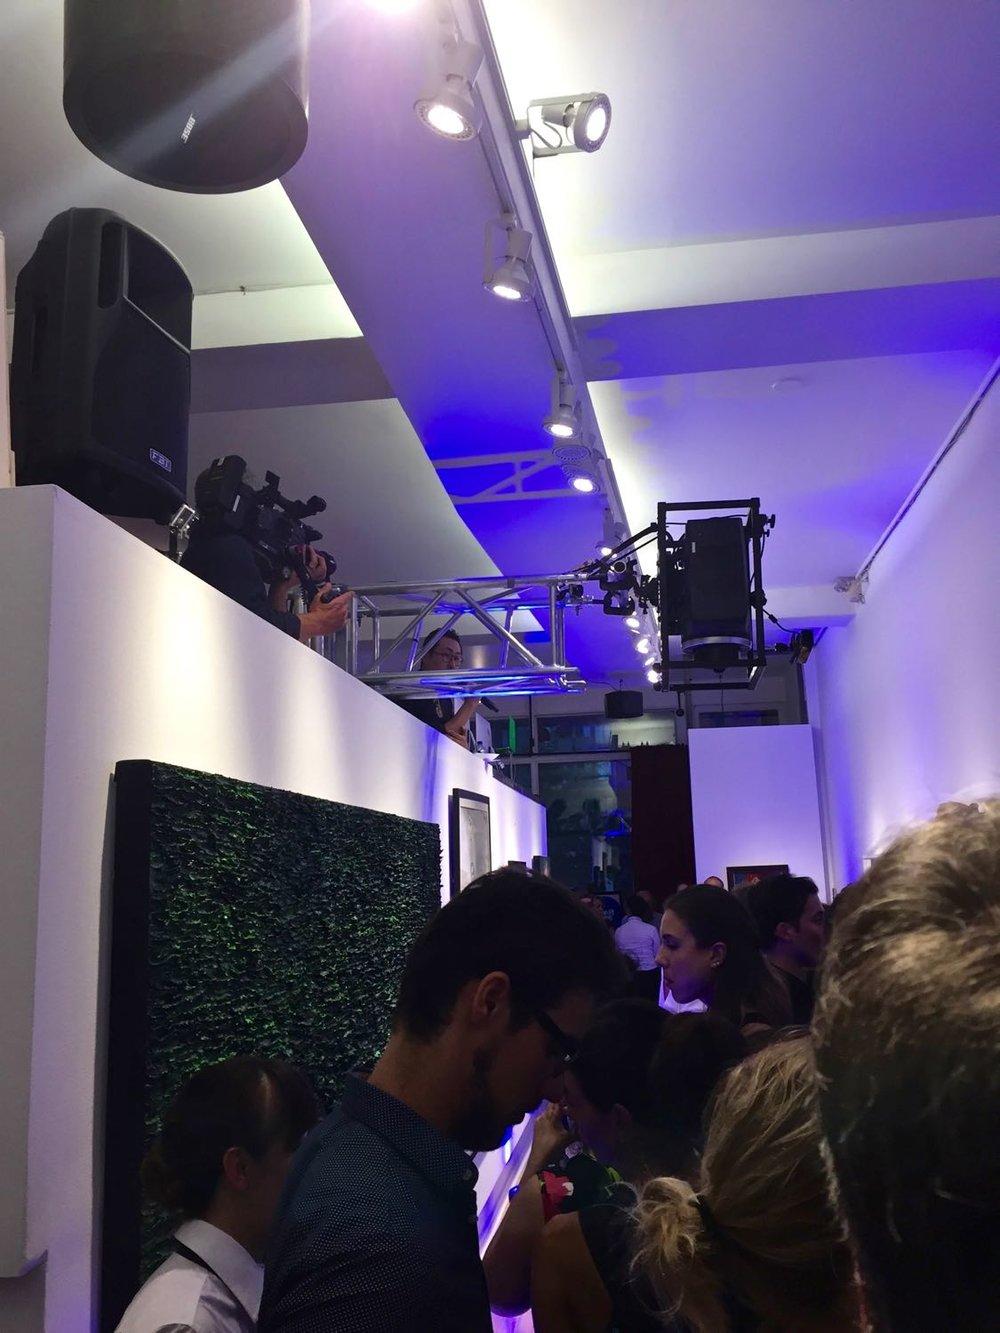 Le propriétaire et directeur de la galerie, Juno Youn, lance l'événement